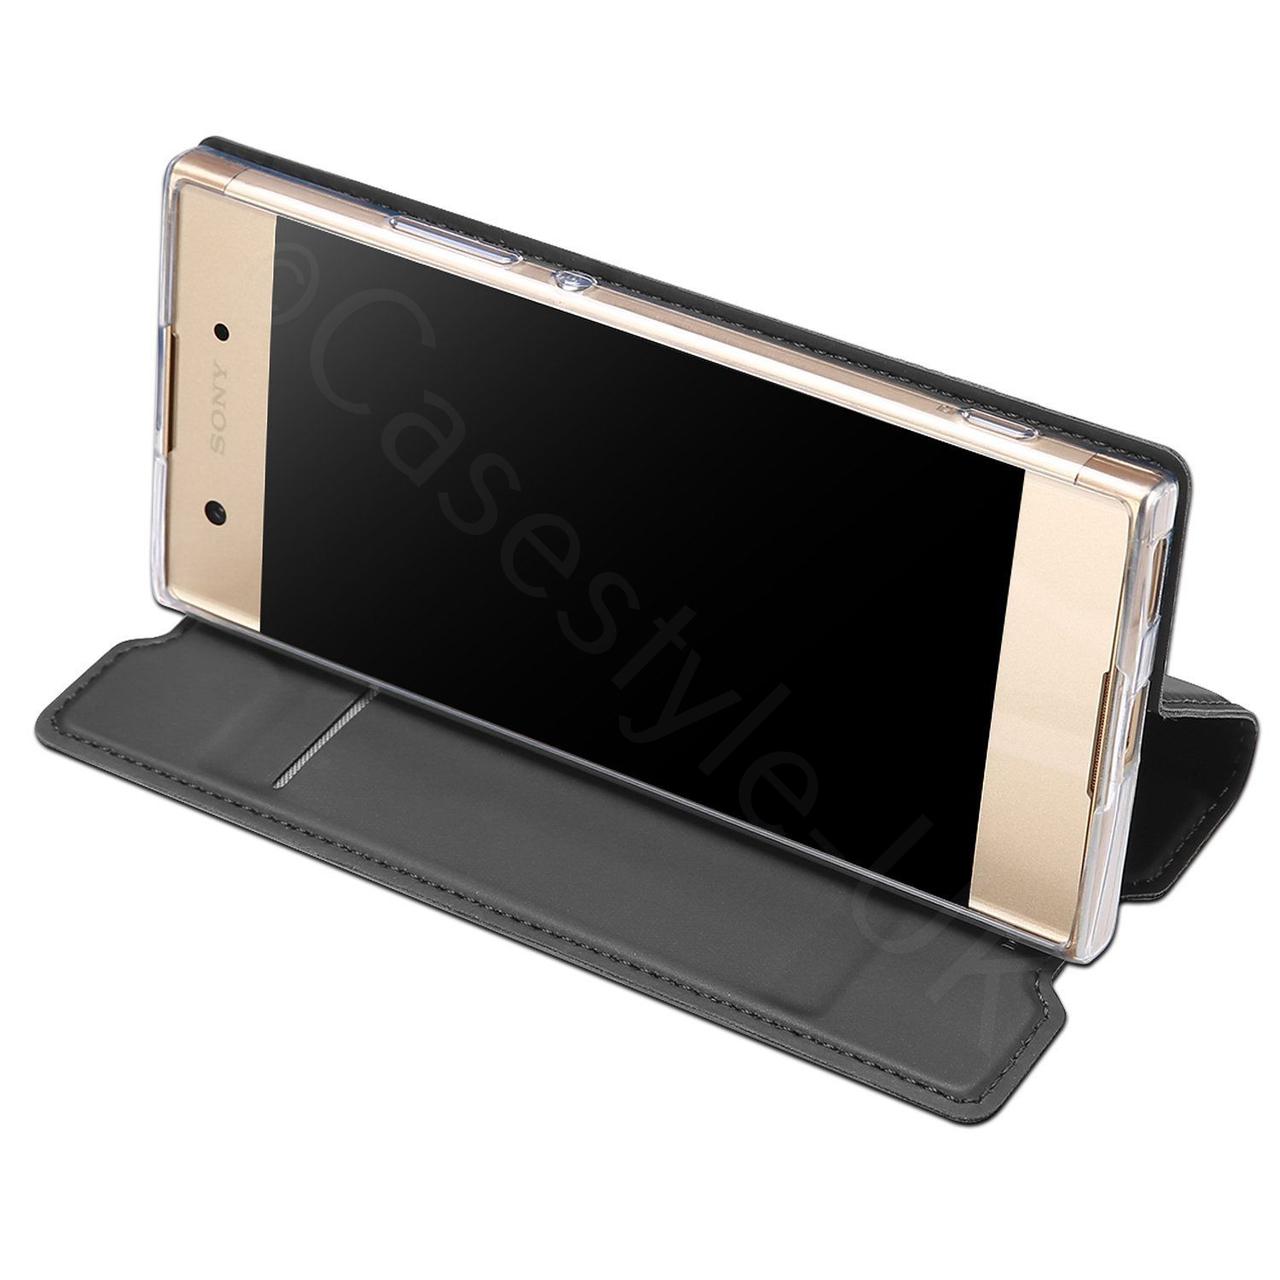 timeless design aa4a9 ee494 Sony Xperia XA1 Case